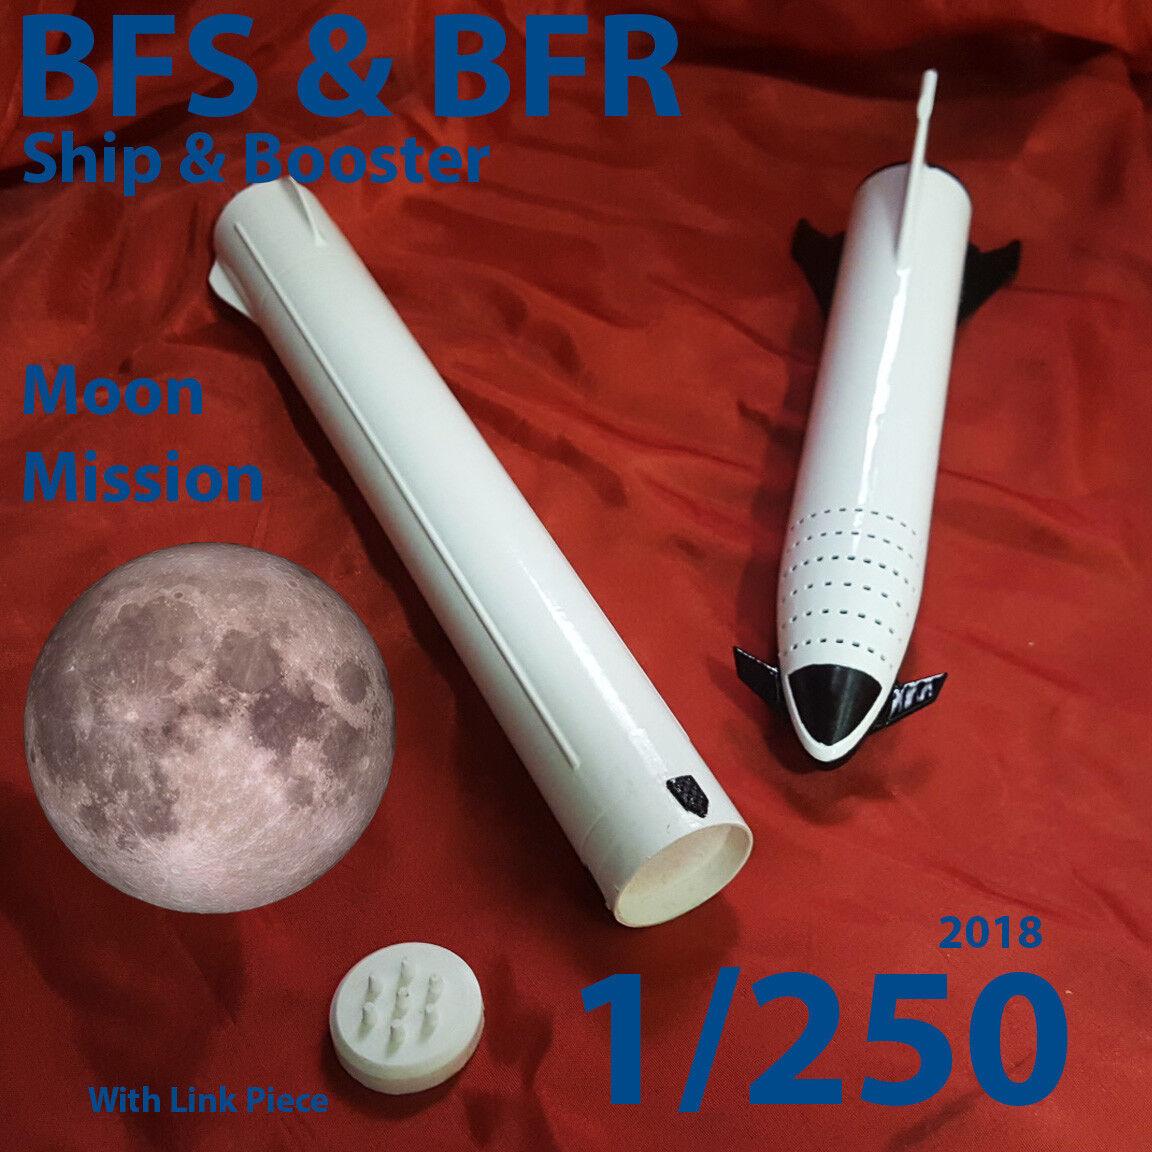 BFR 2018 (buques y repositorios) - 3 Modelo de impresión y pintura